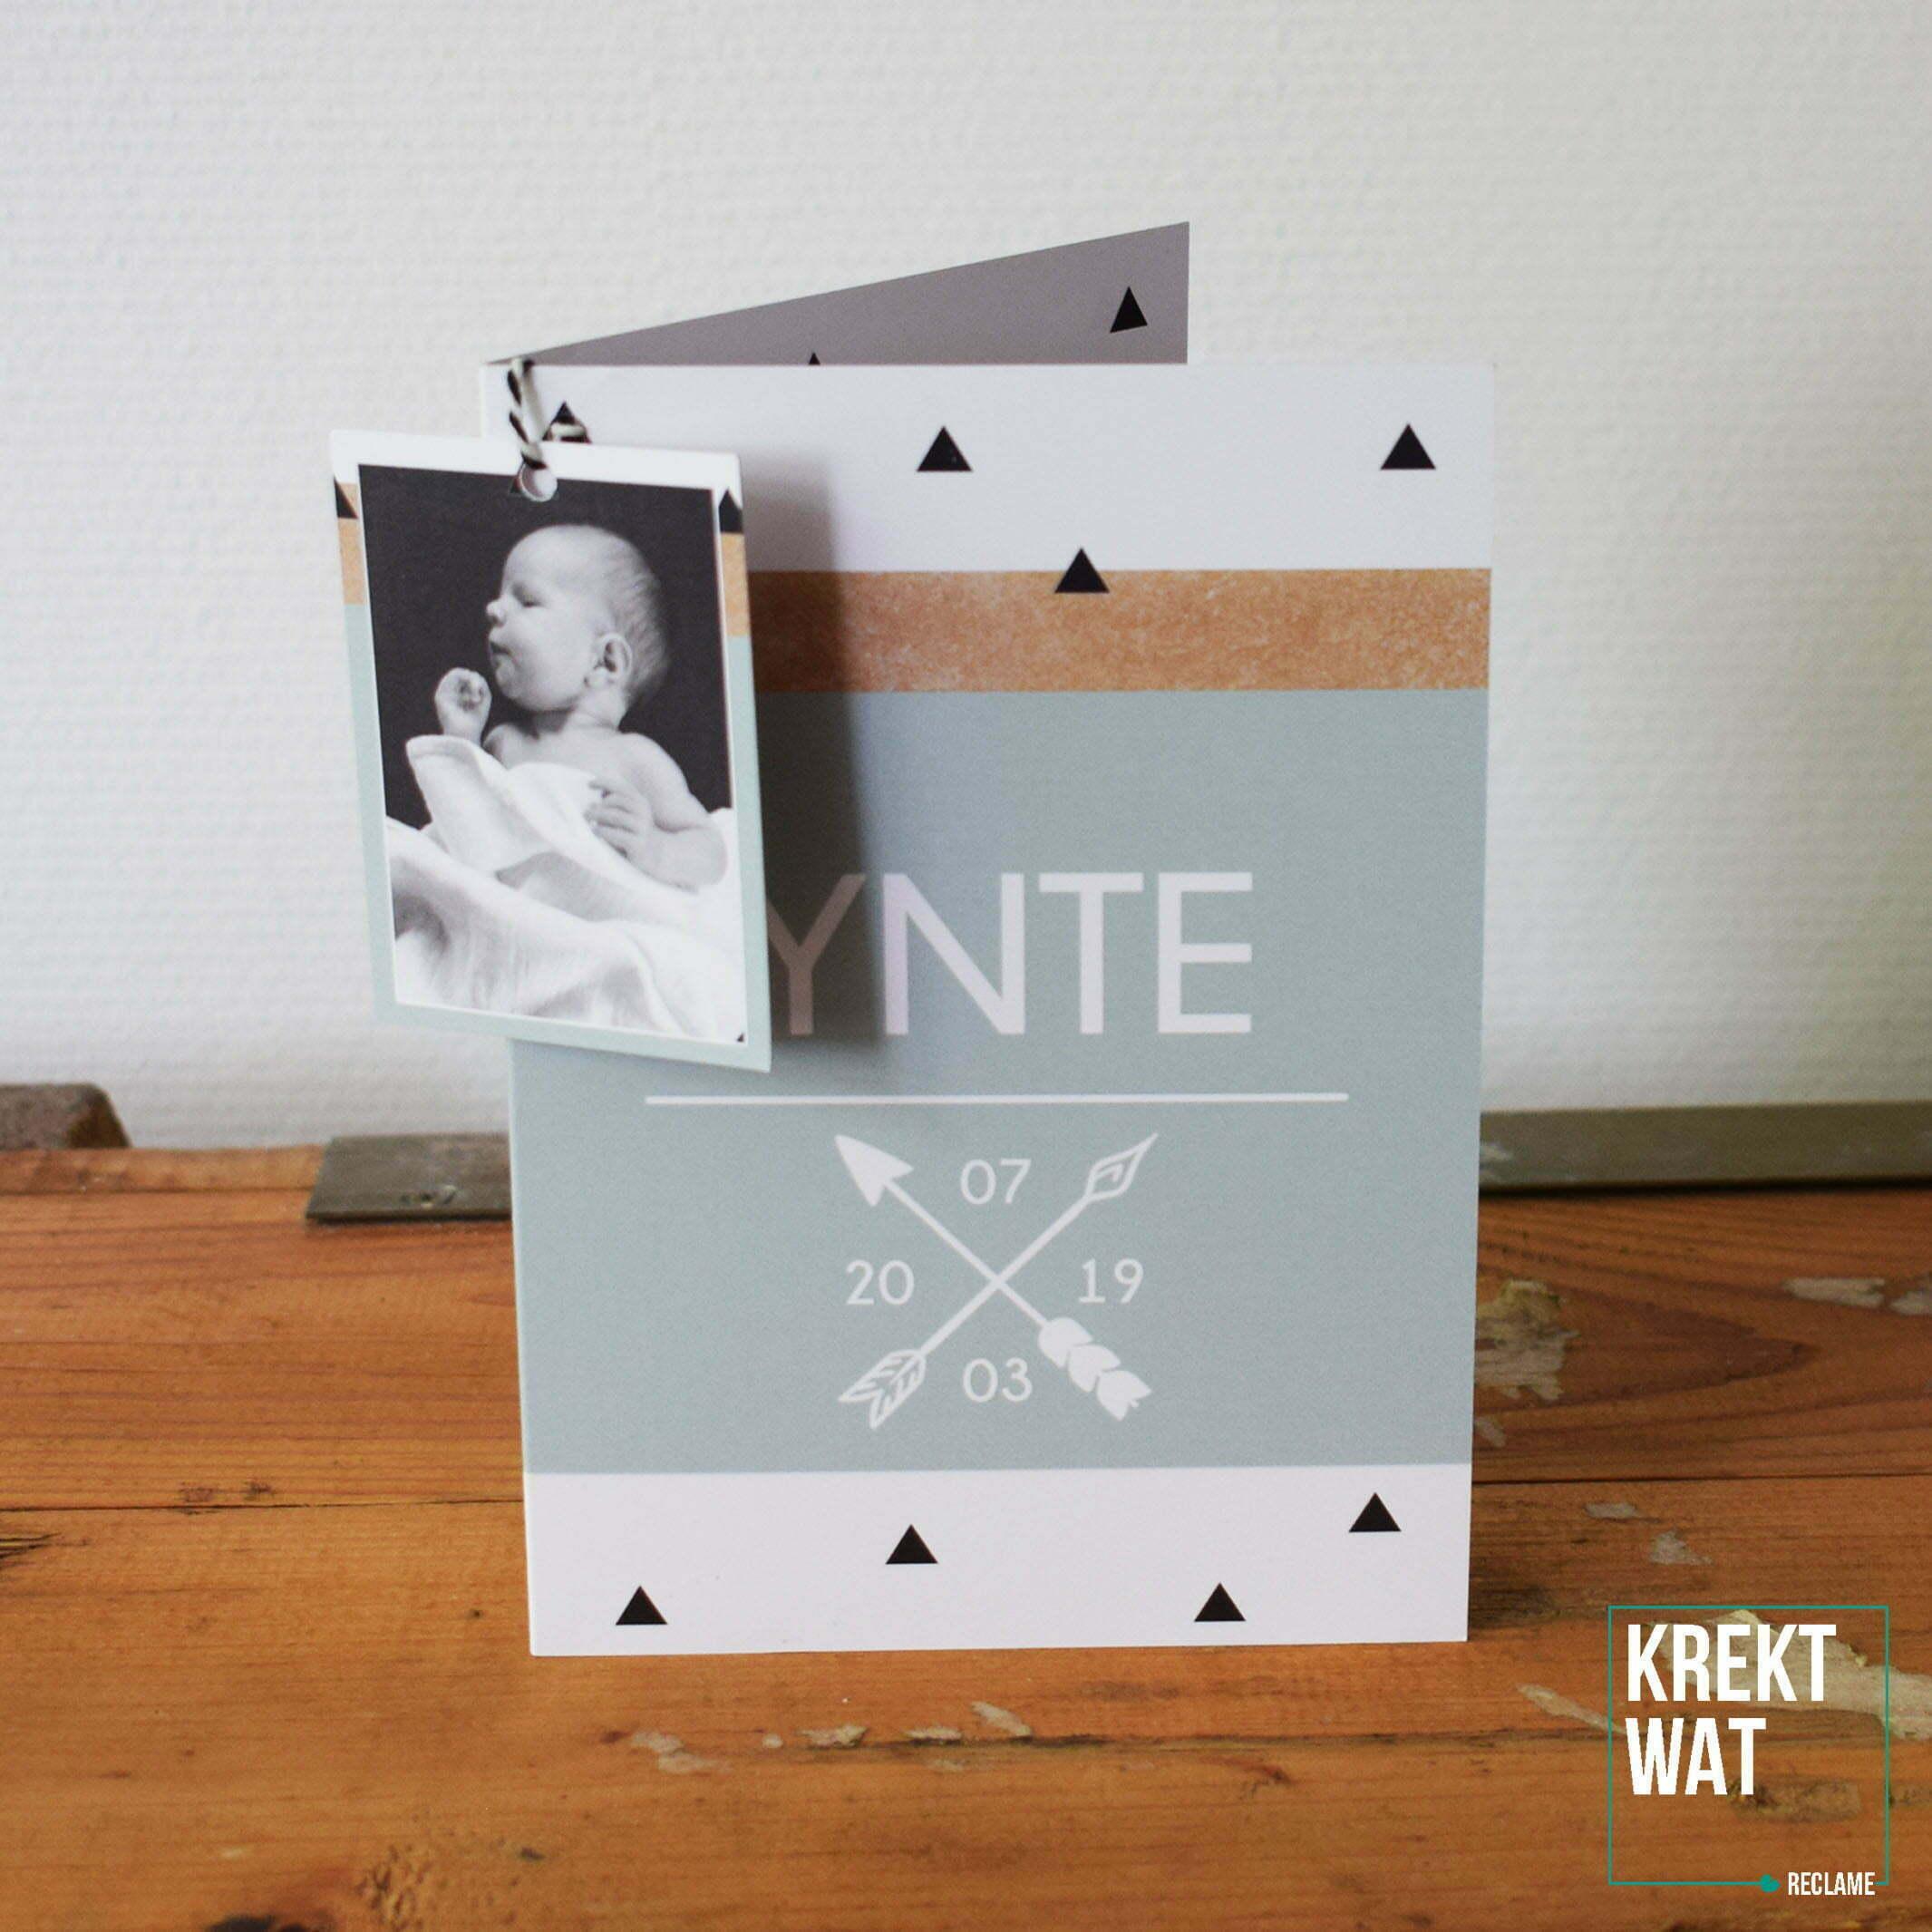 Geboortekaartje - Ynte